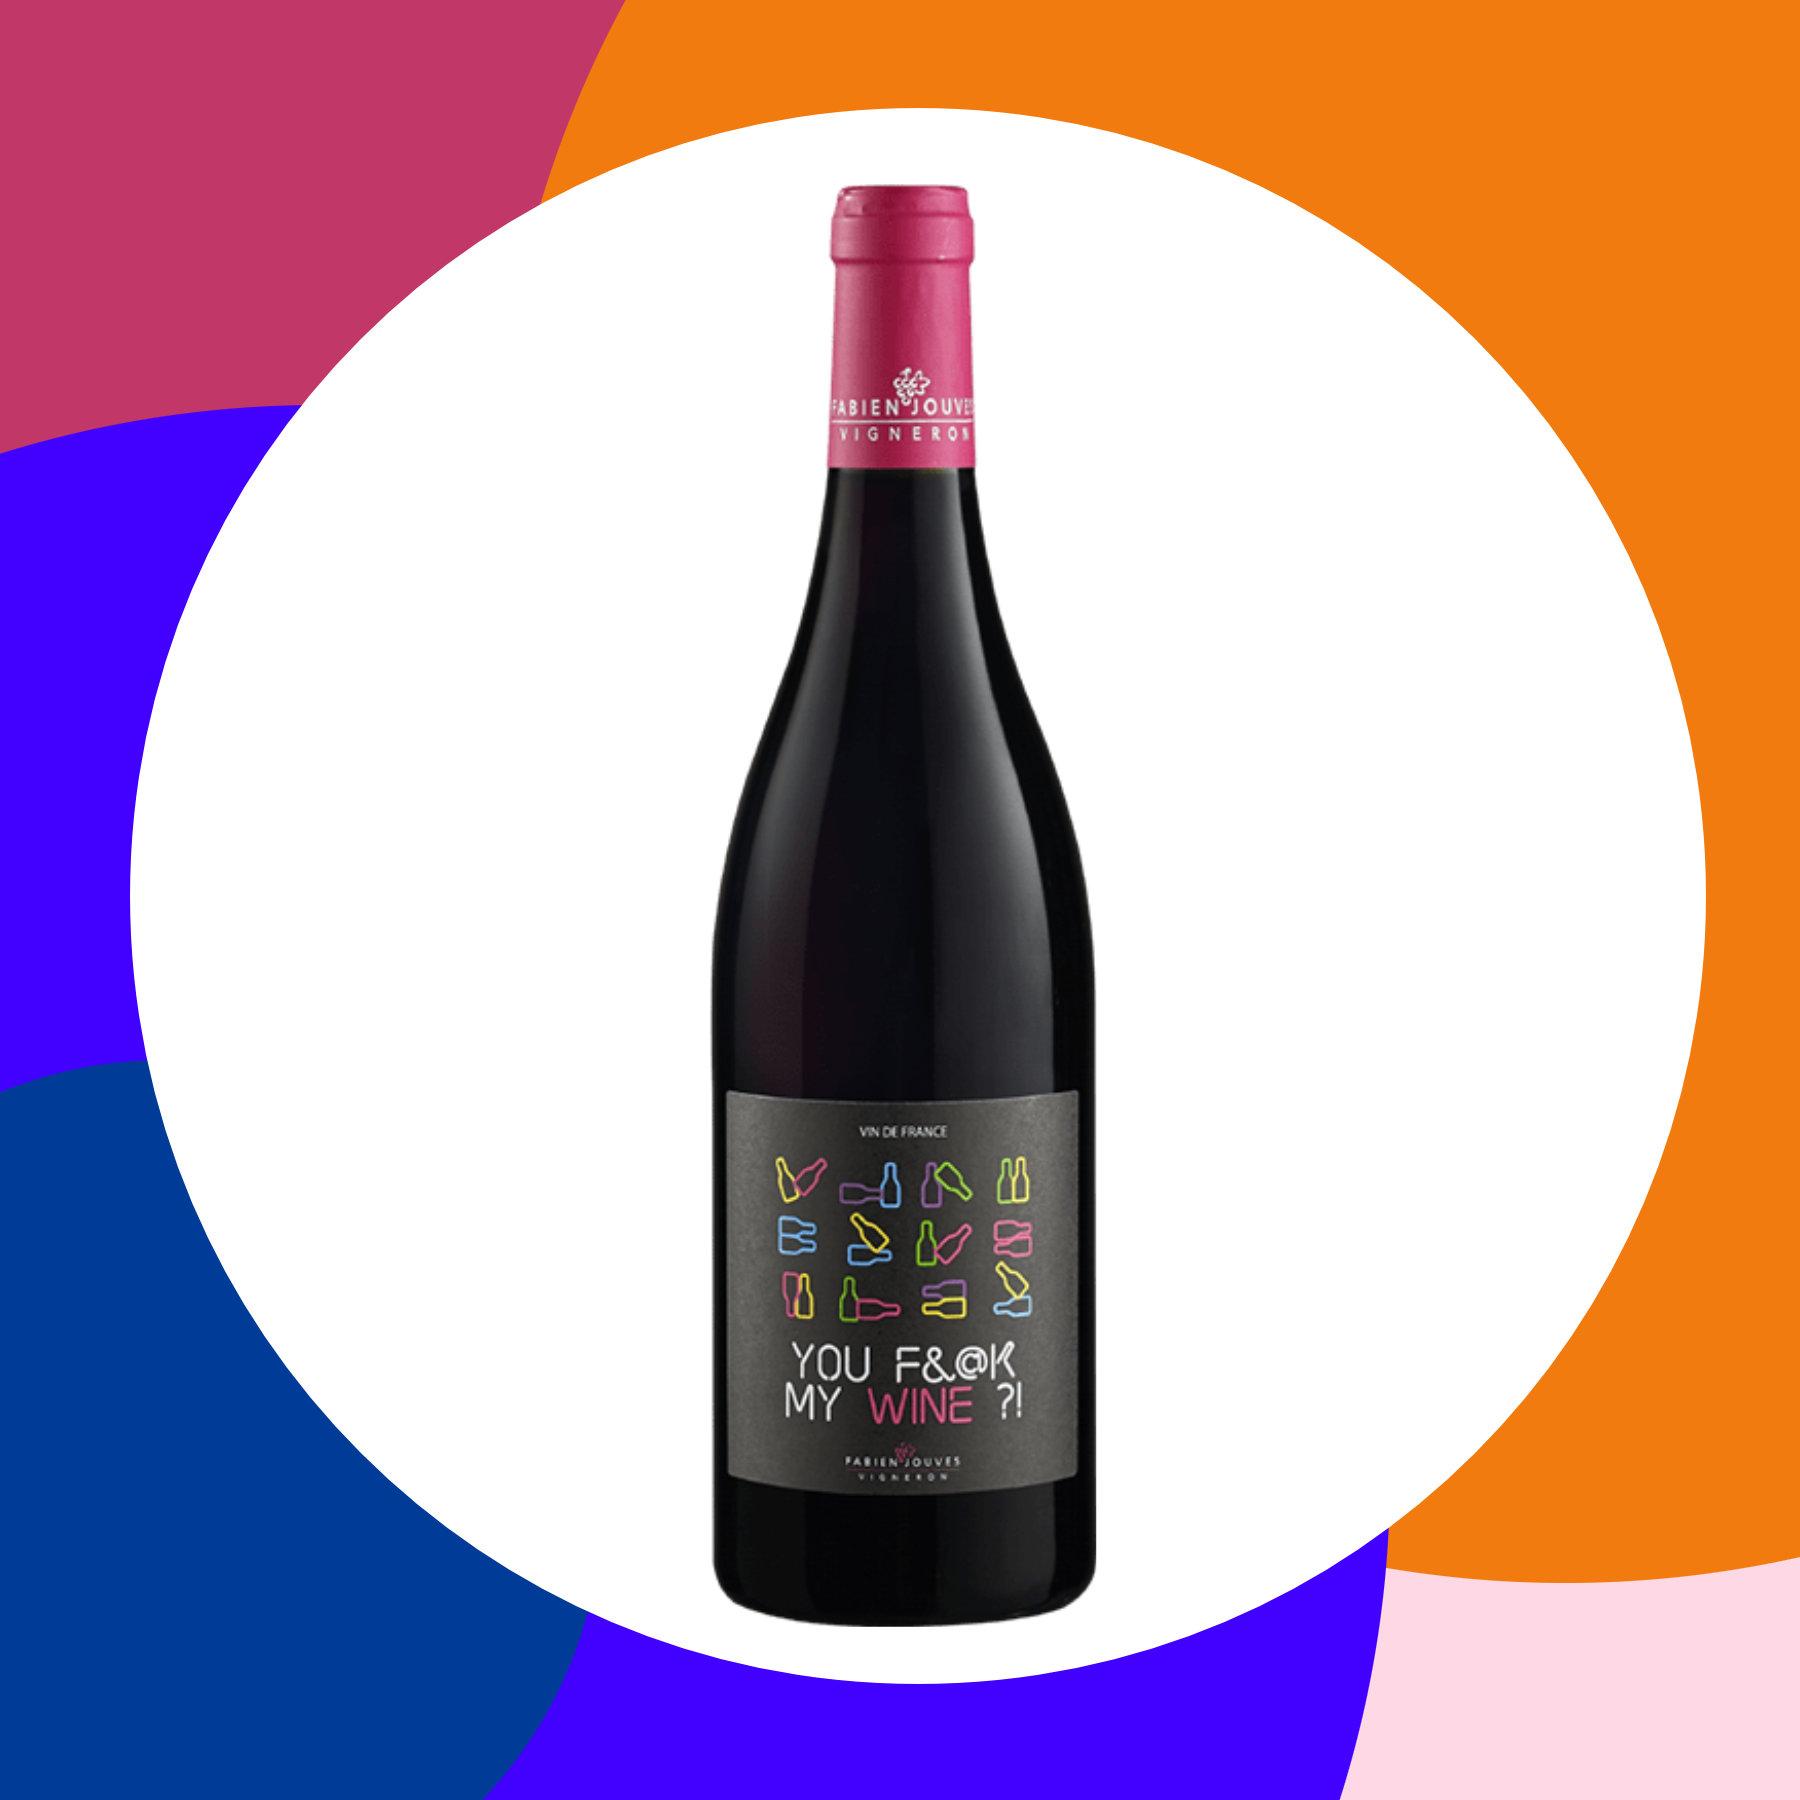 You F&@k My Wine 2019